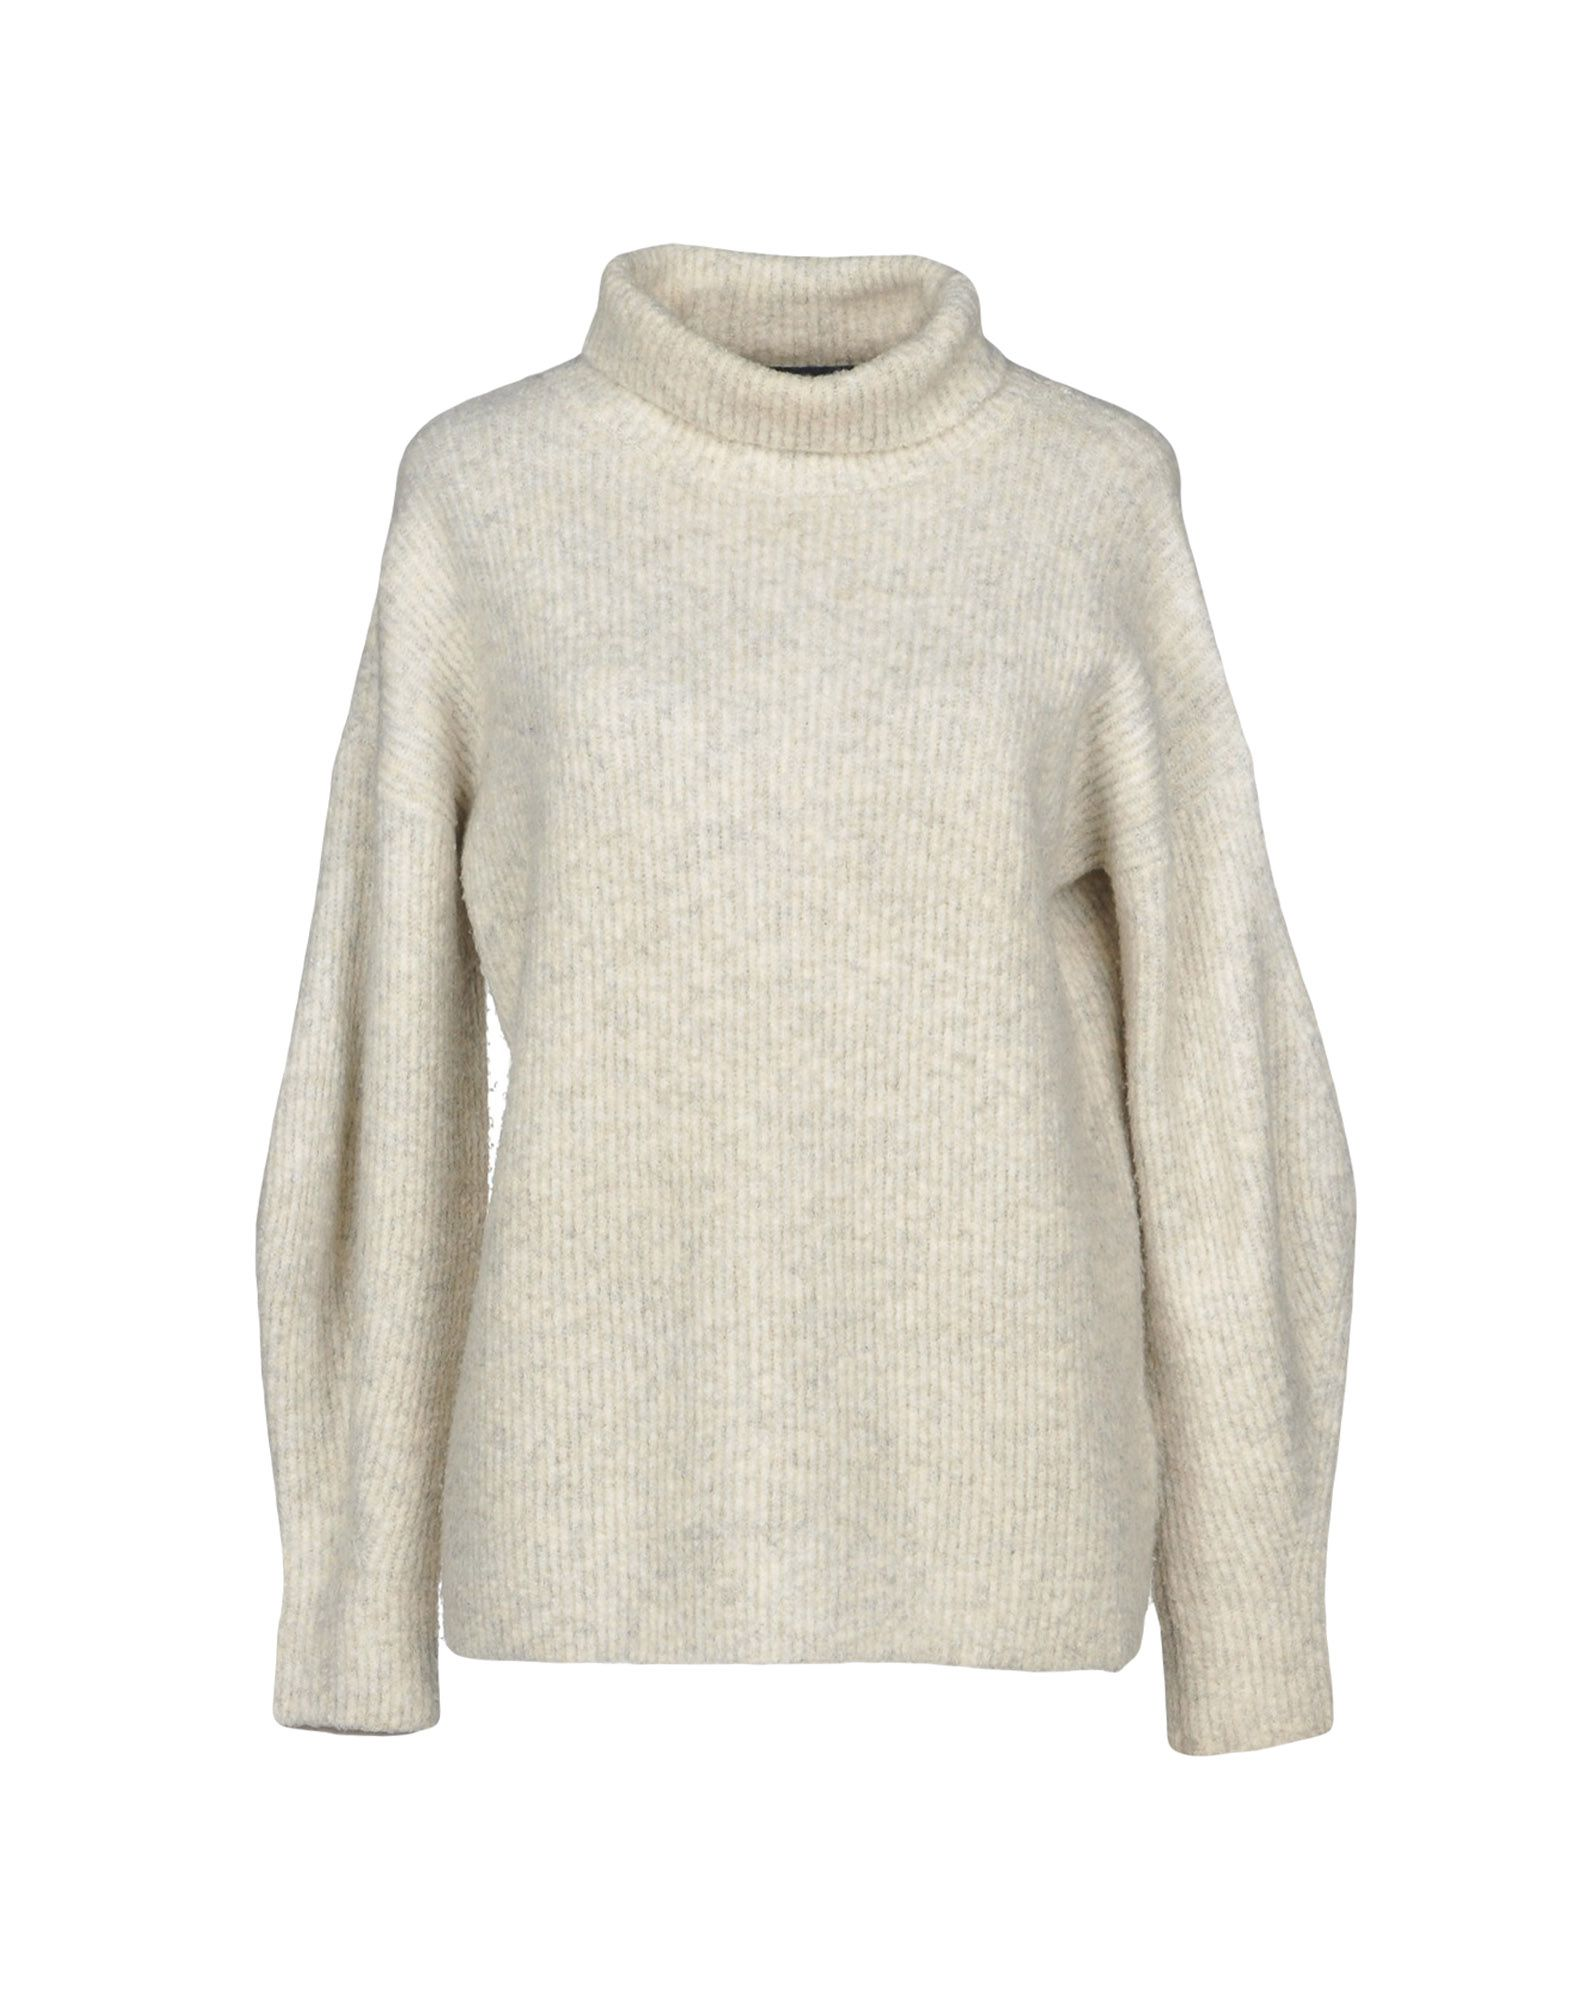 Модная женская одежда популярных брендов 2019 - TriatlonInfo a80059d33a1